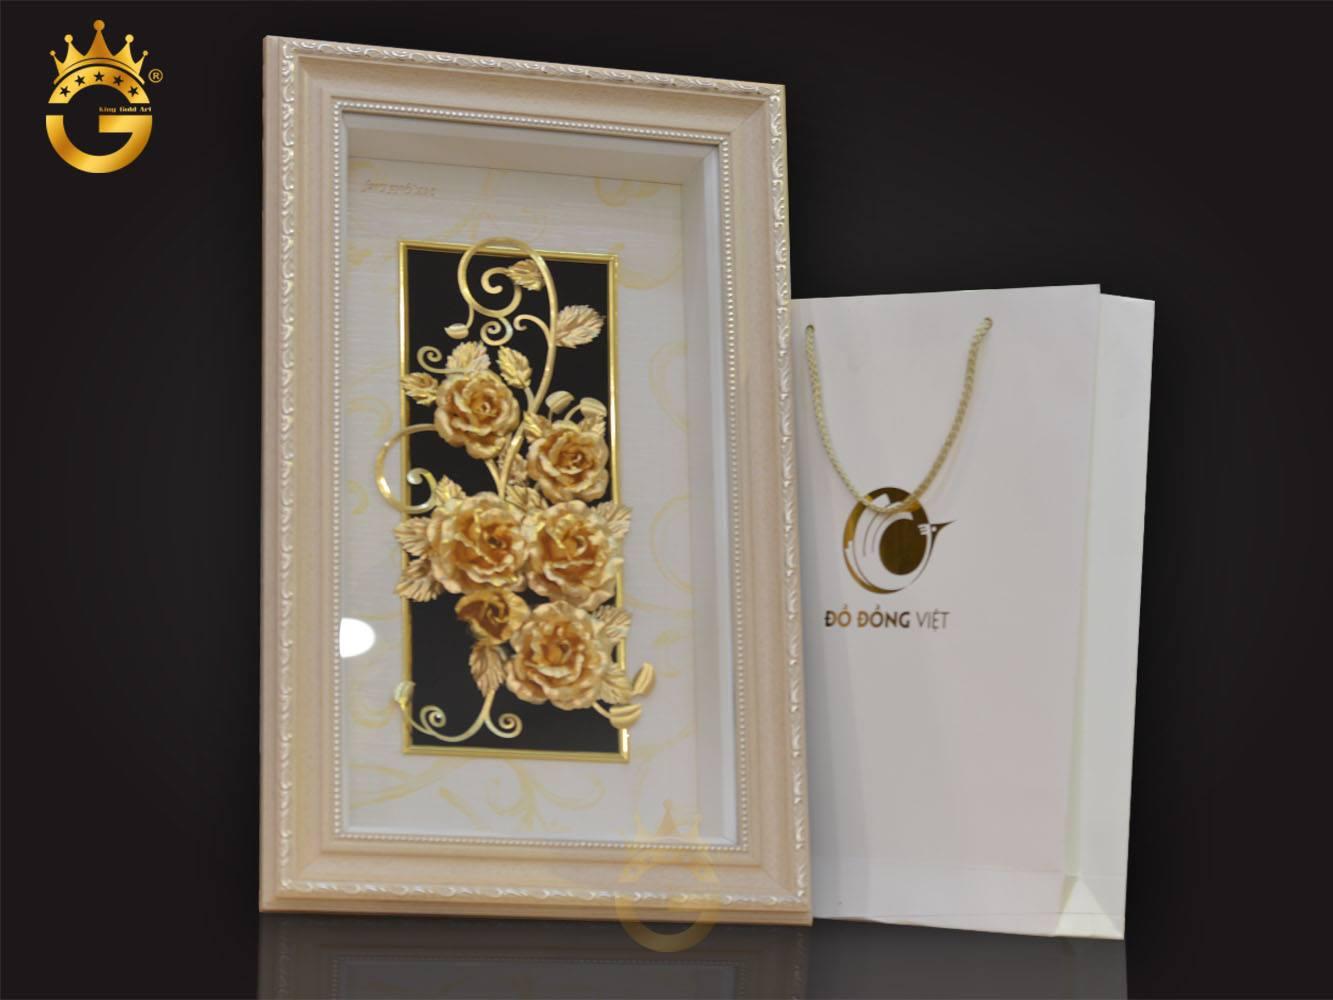 Quà tặng ngày cưới, tranh hoa hồng dát vàng 24k biểu tượng hạnh phúc